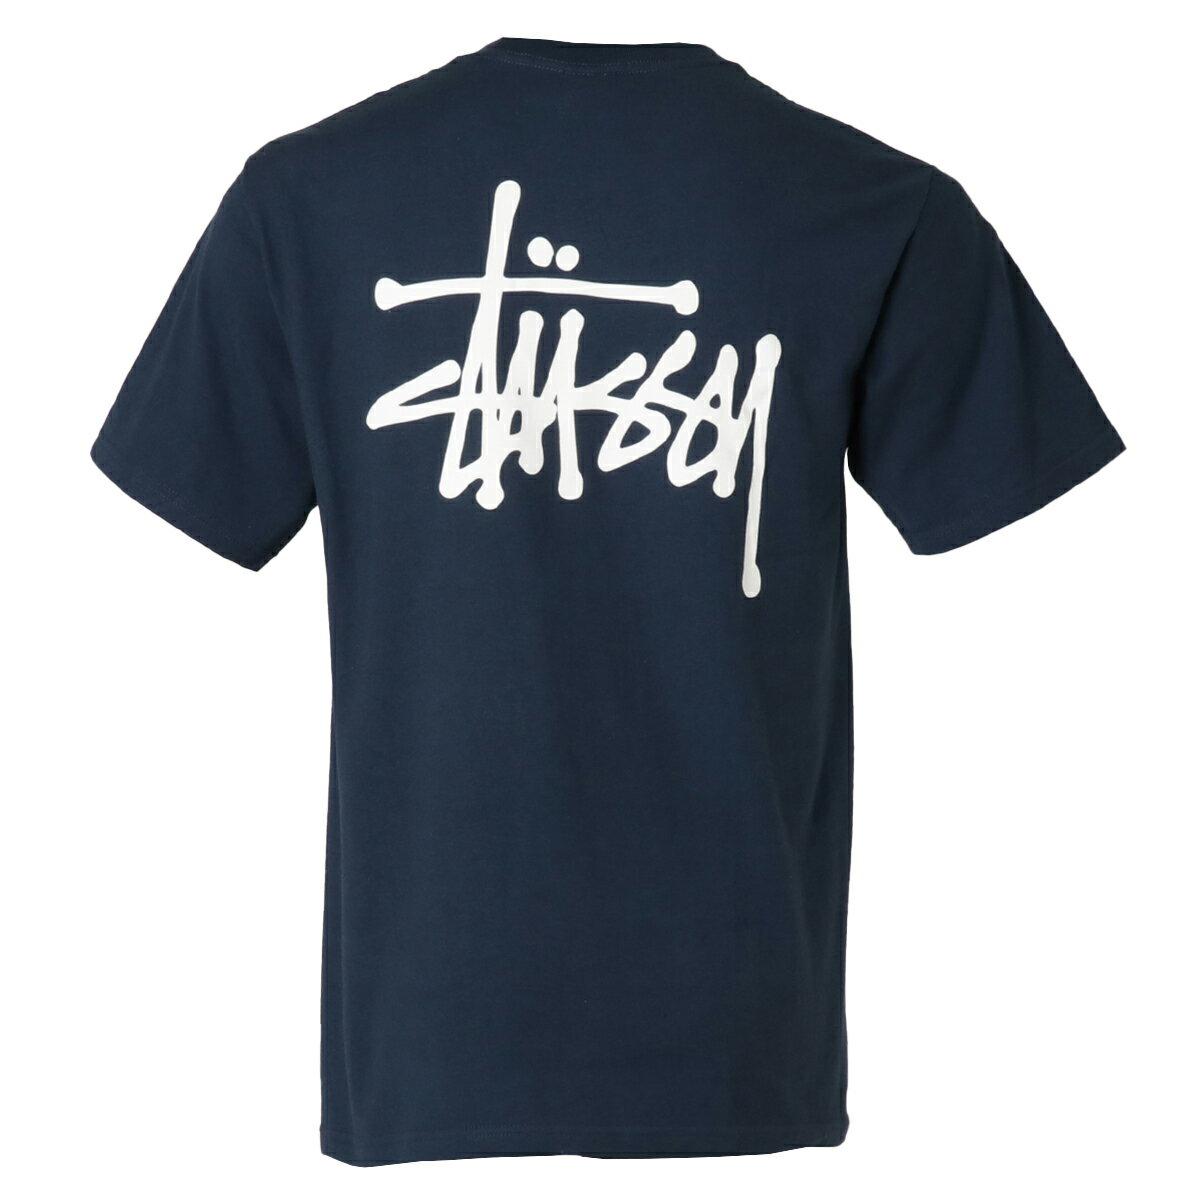 トップス, Tシャツ・カットソー  Stussy TBasic Stussy TeeNAVY